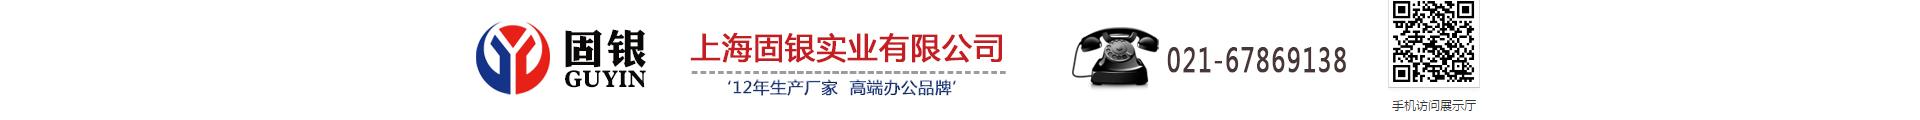 上海固银实业有限公司